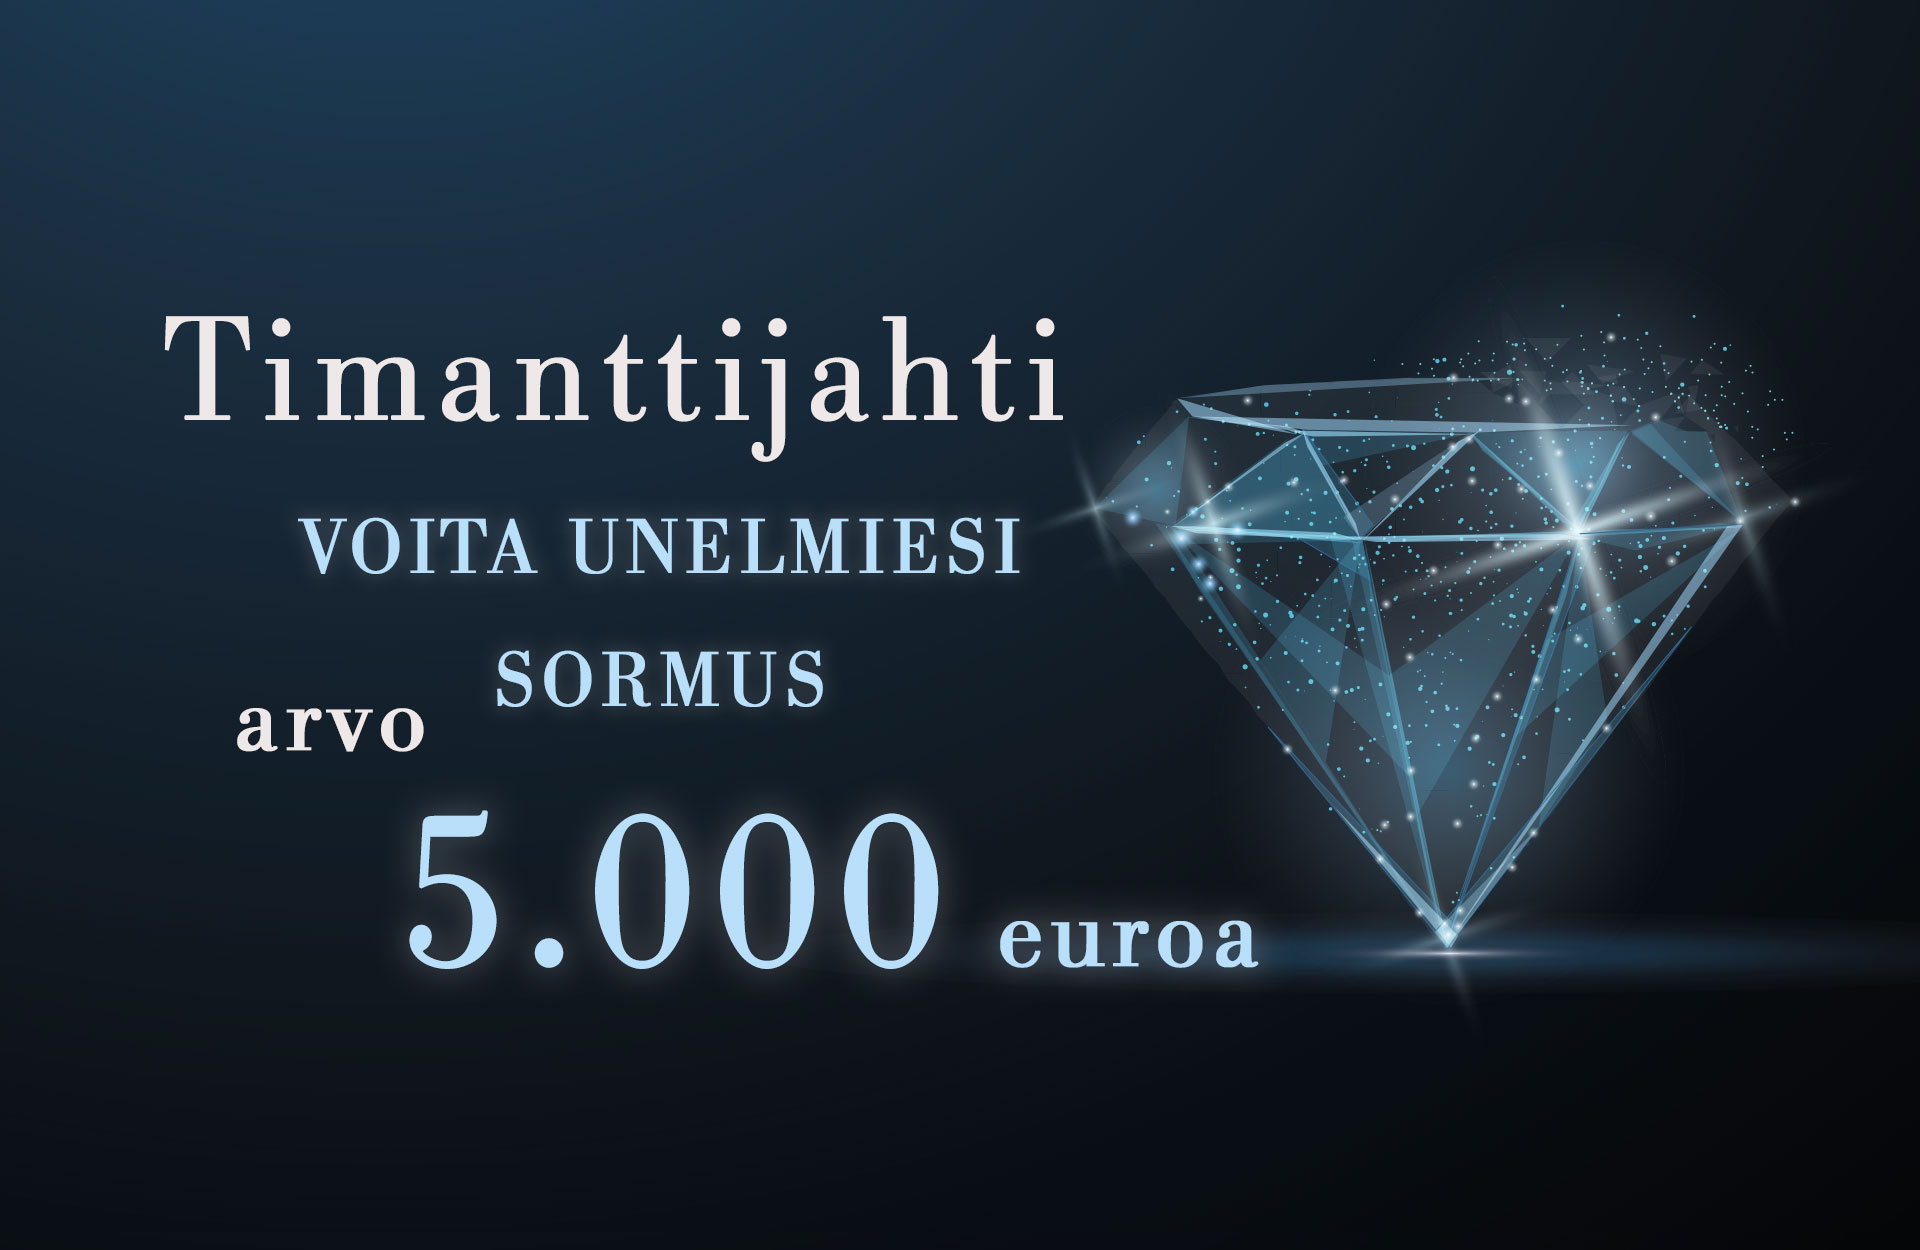 timanttijahti